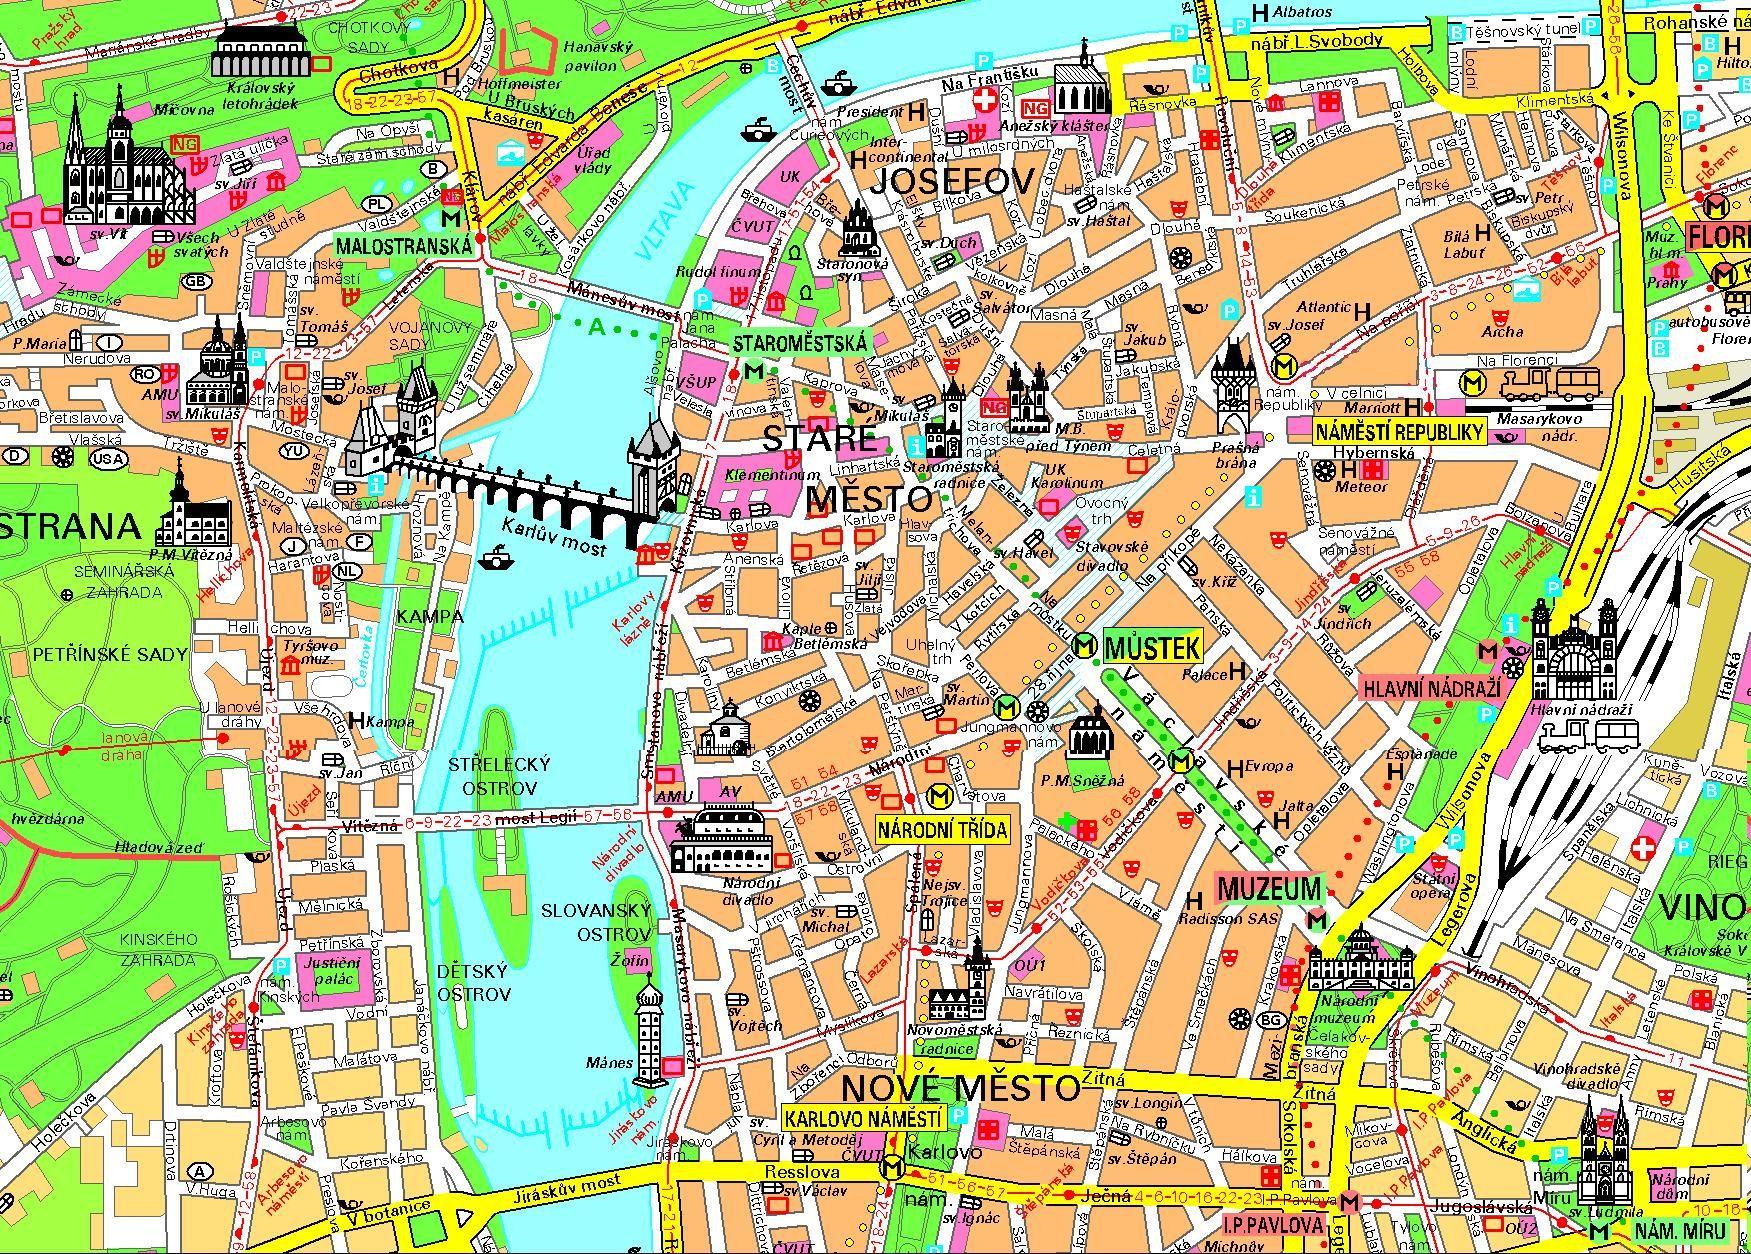 praga mapa http://.mundocity.com/europa/praga/mapa praga centro.  praga mapa